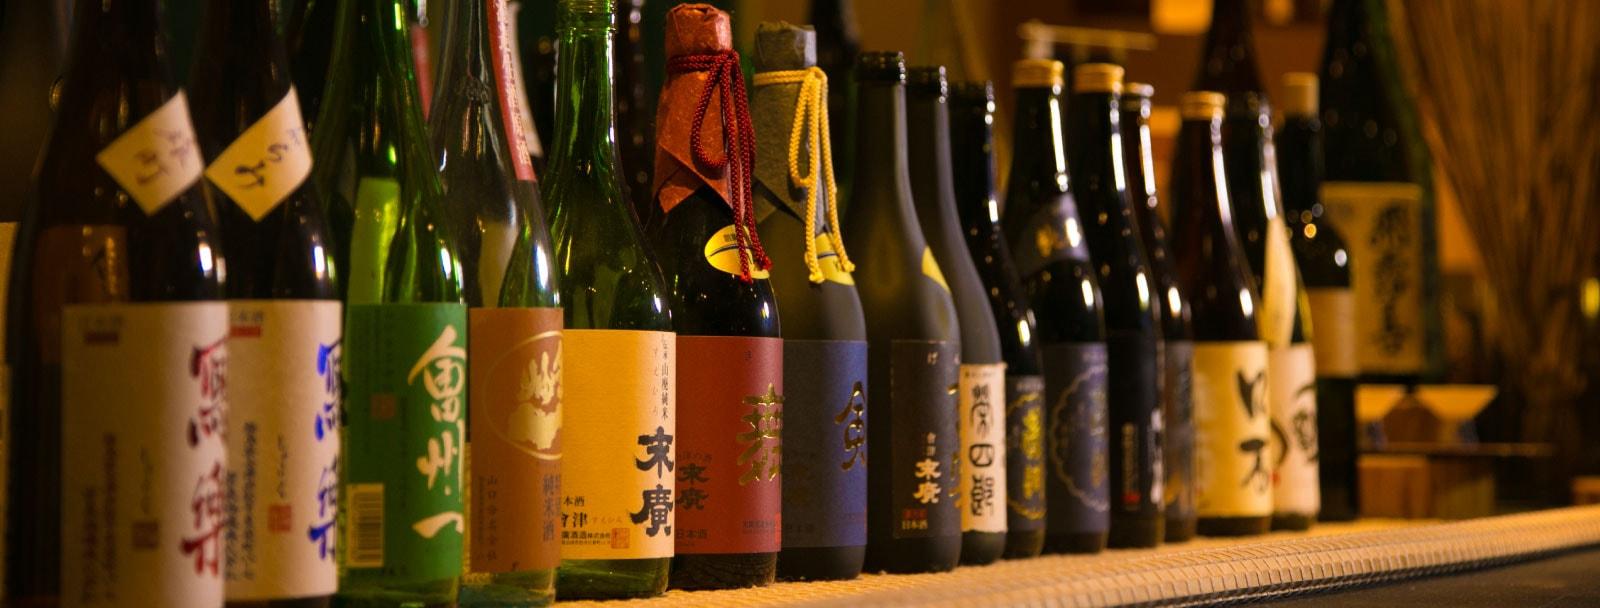 利き酒師が厳選した会津の地酒